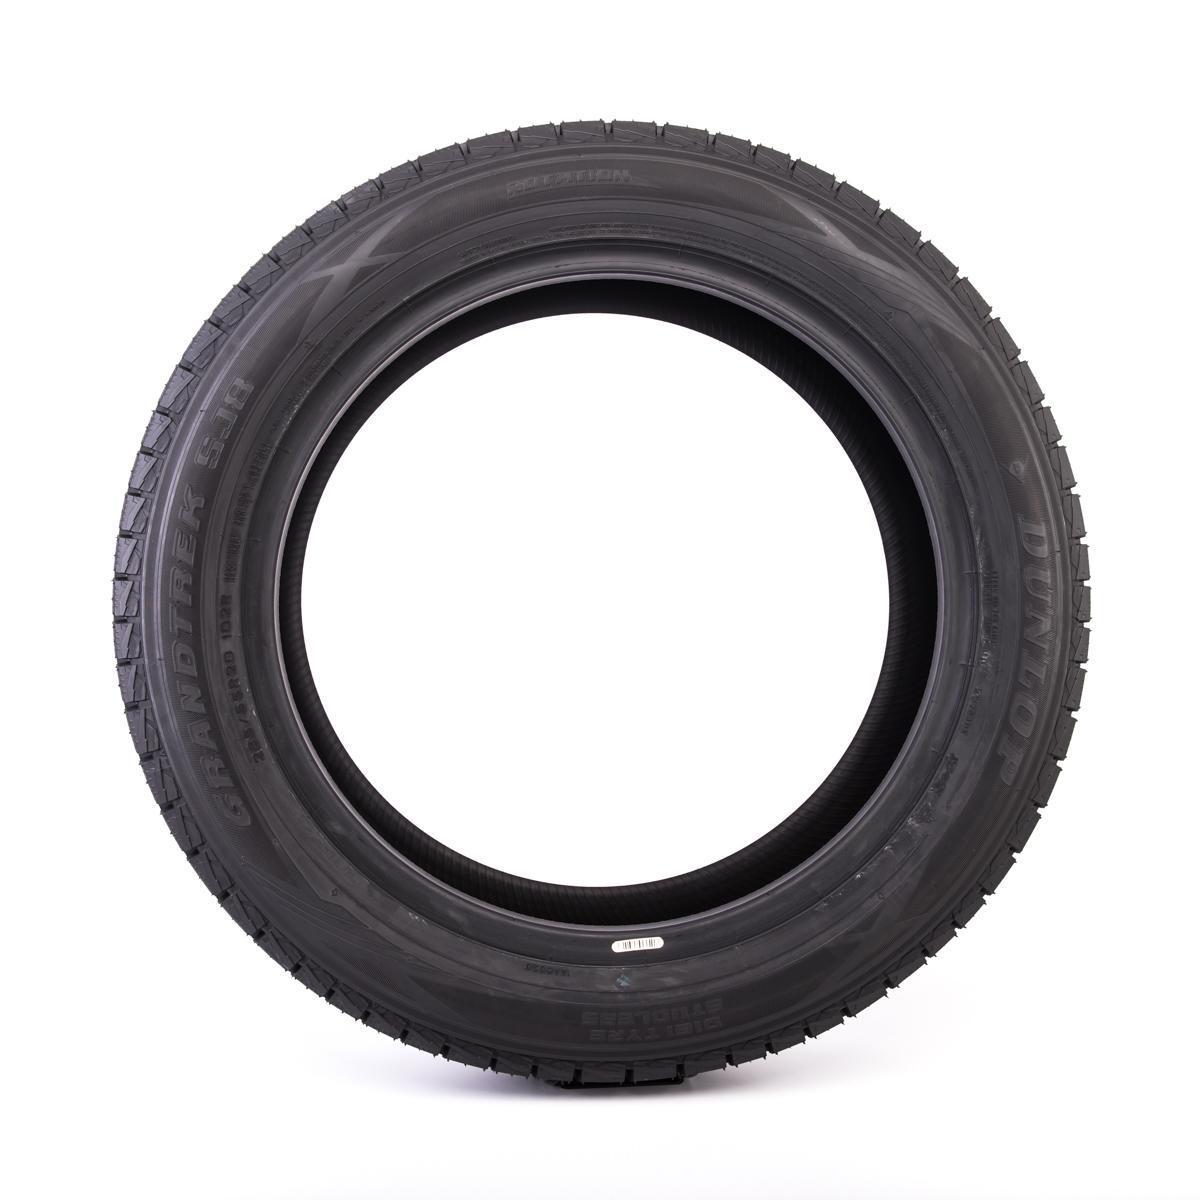 Dunlop Grandtrek SJ8 235/55 R20 102R - zdjęcie dodatkowe nr 4